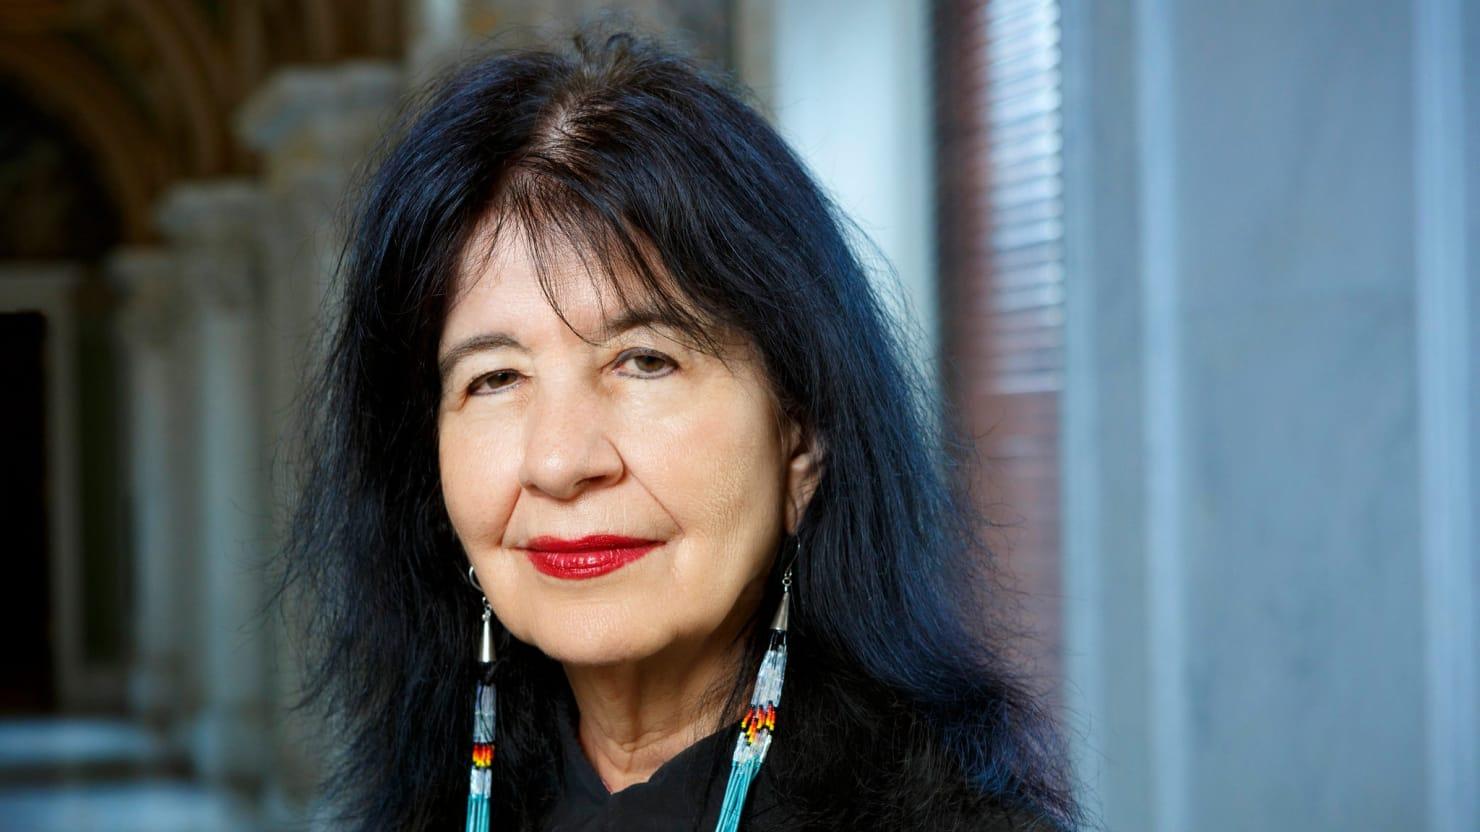 Joy Harjo Becomes First Native American Named U.S. Poet Laureate